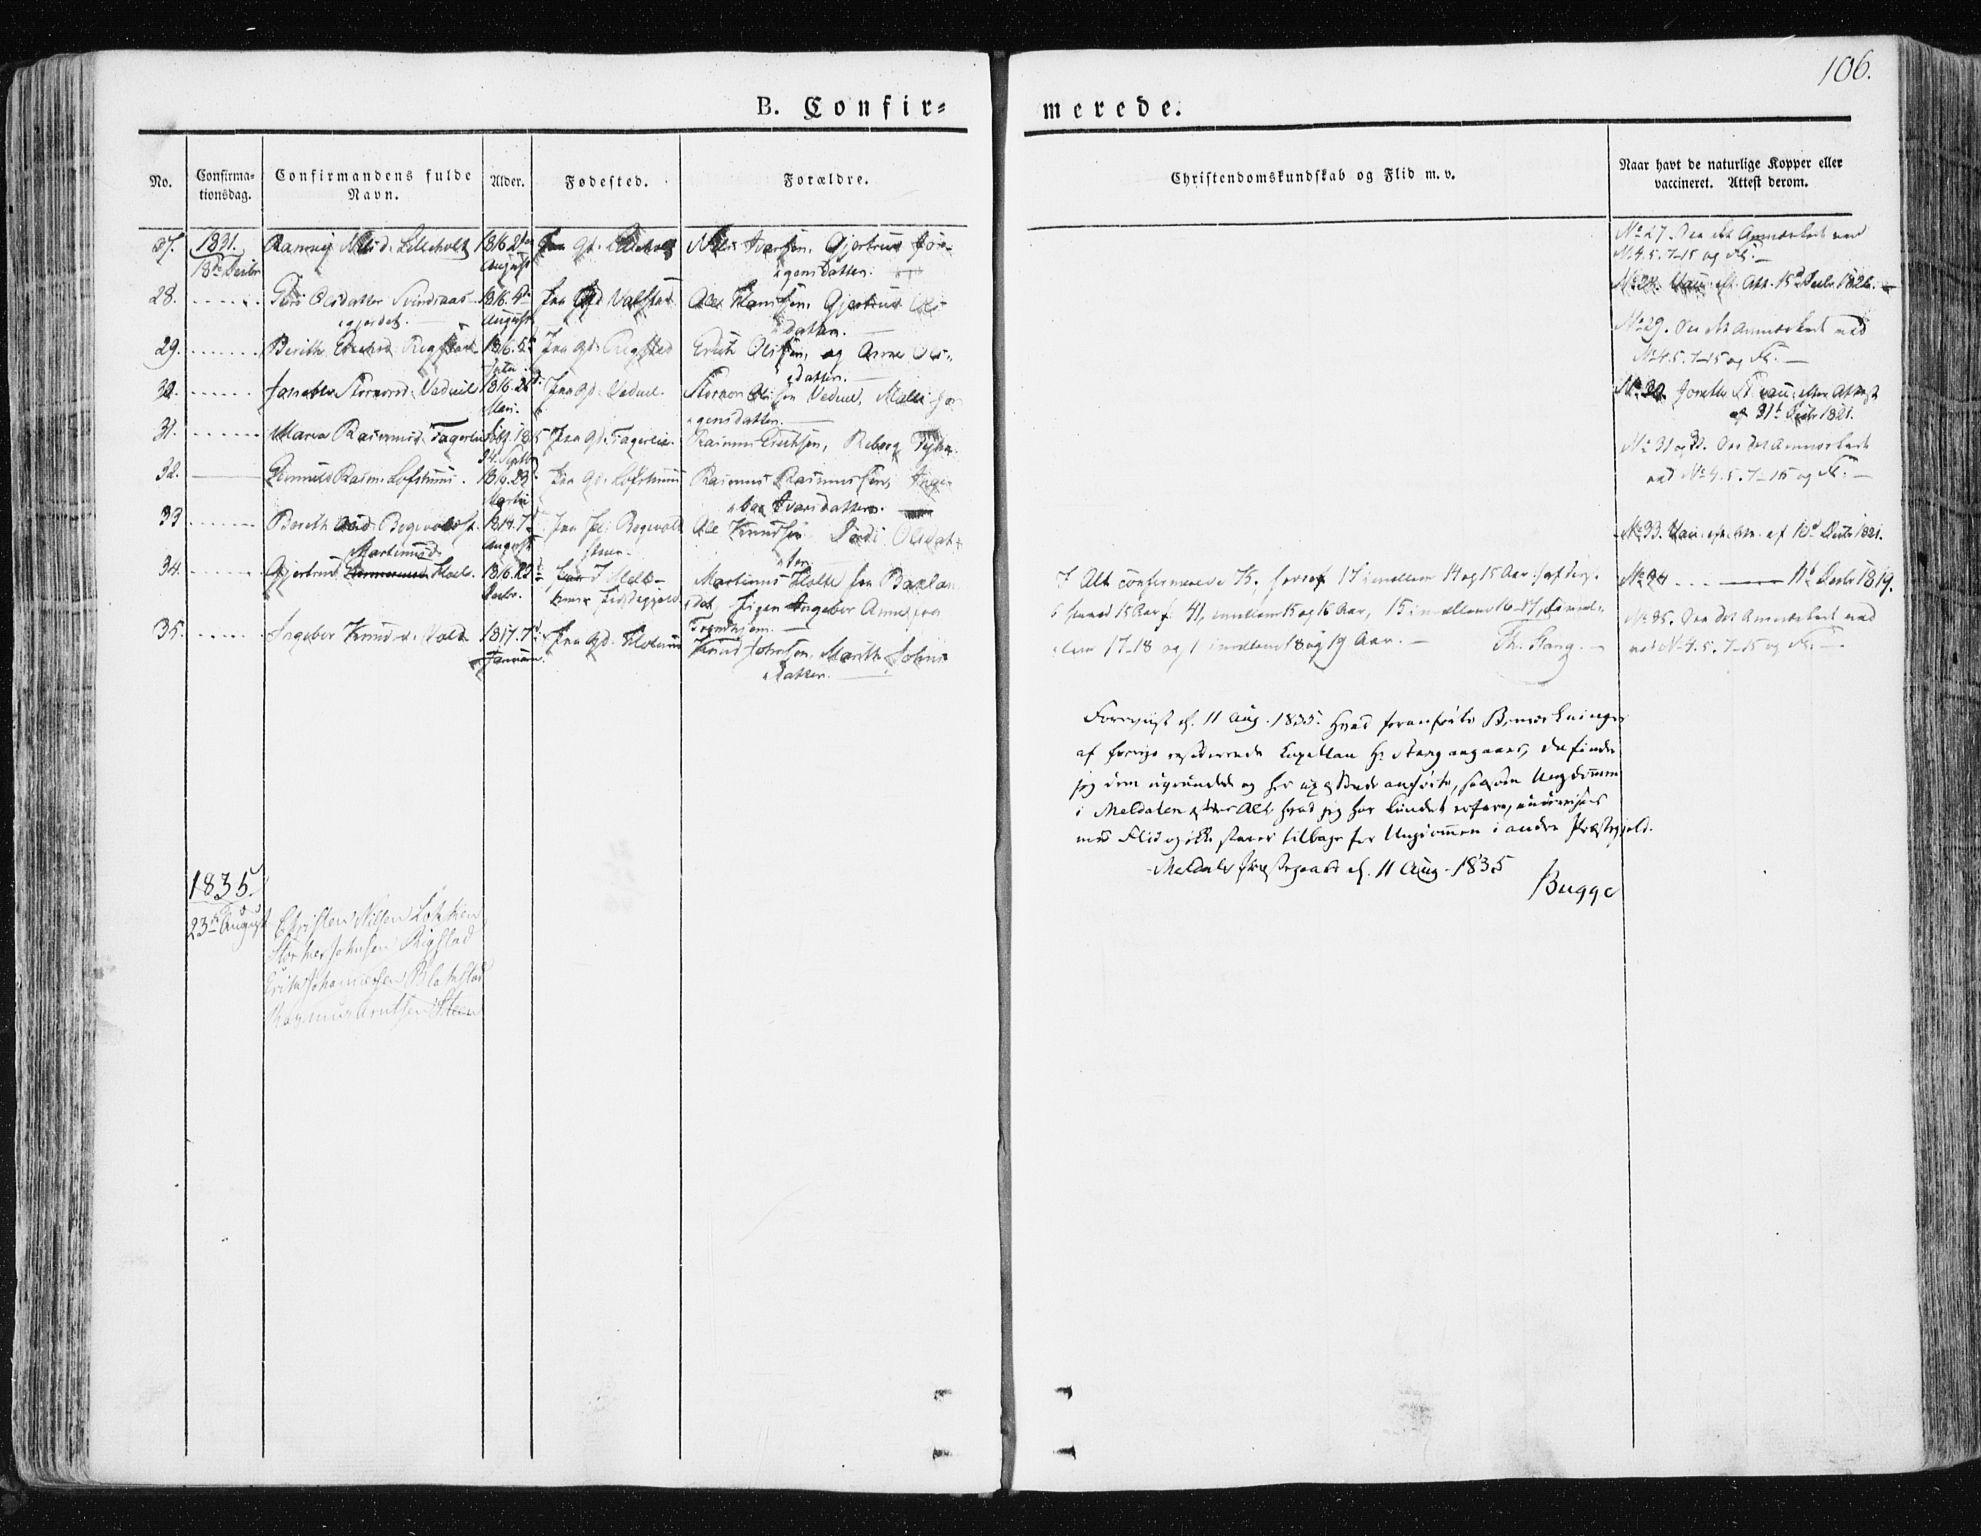 SAT, Ministerialprotokoller, klokkerbøker og fødselsregistre - Sør-Trøndelag, 672/L0855: Ministerialbok nr. 672A07, 1829-1860, s. 106